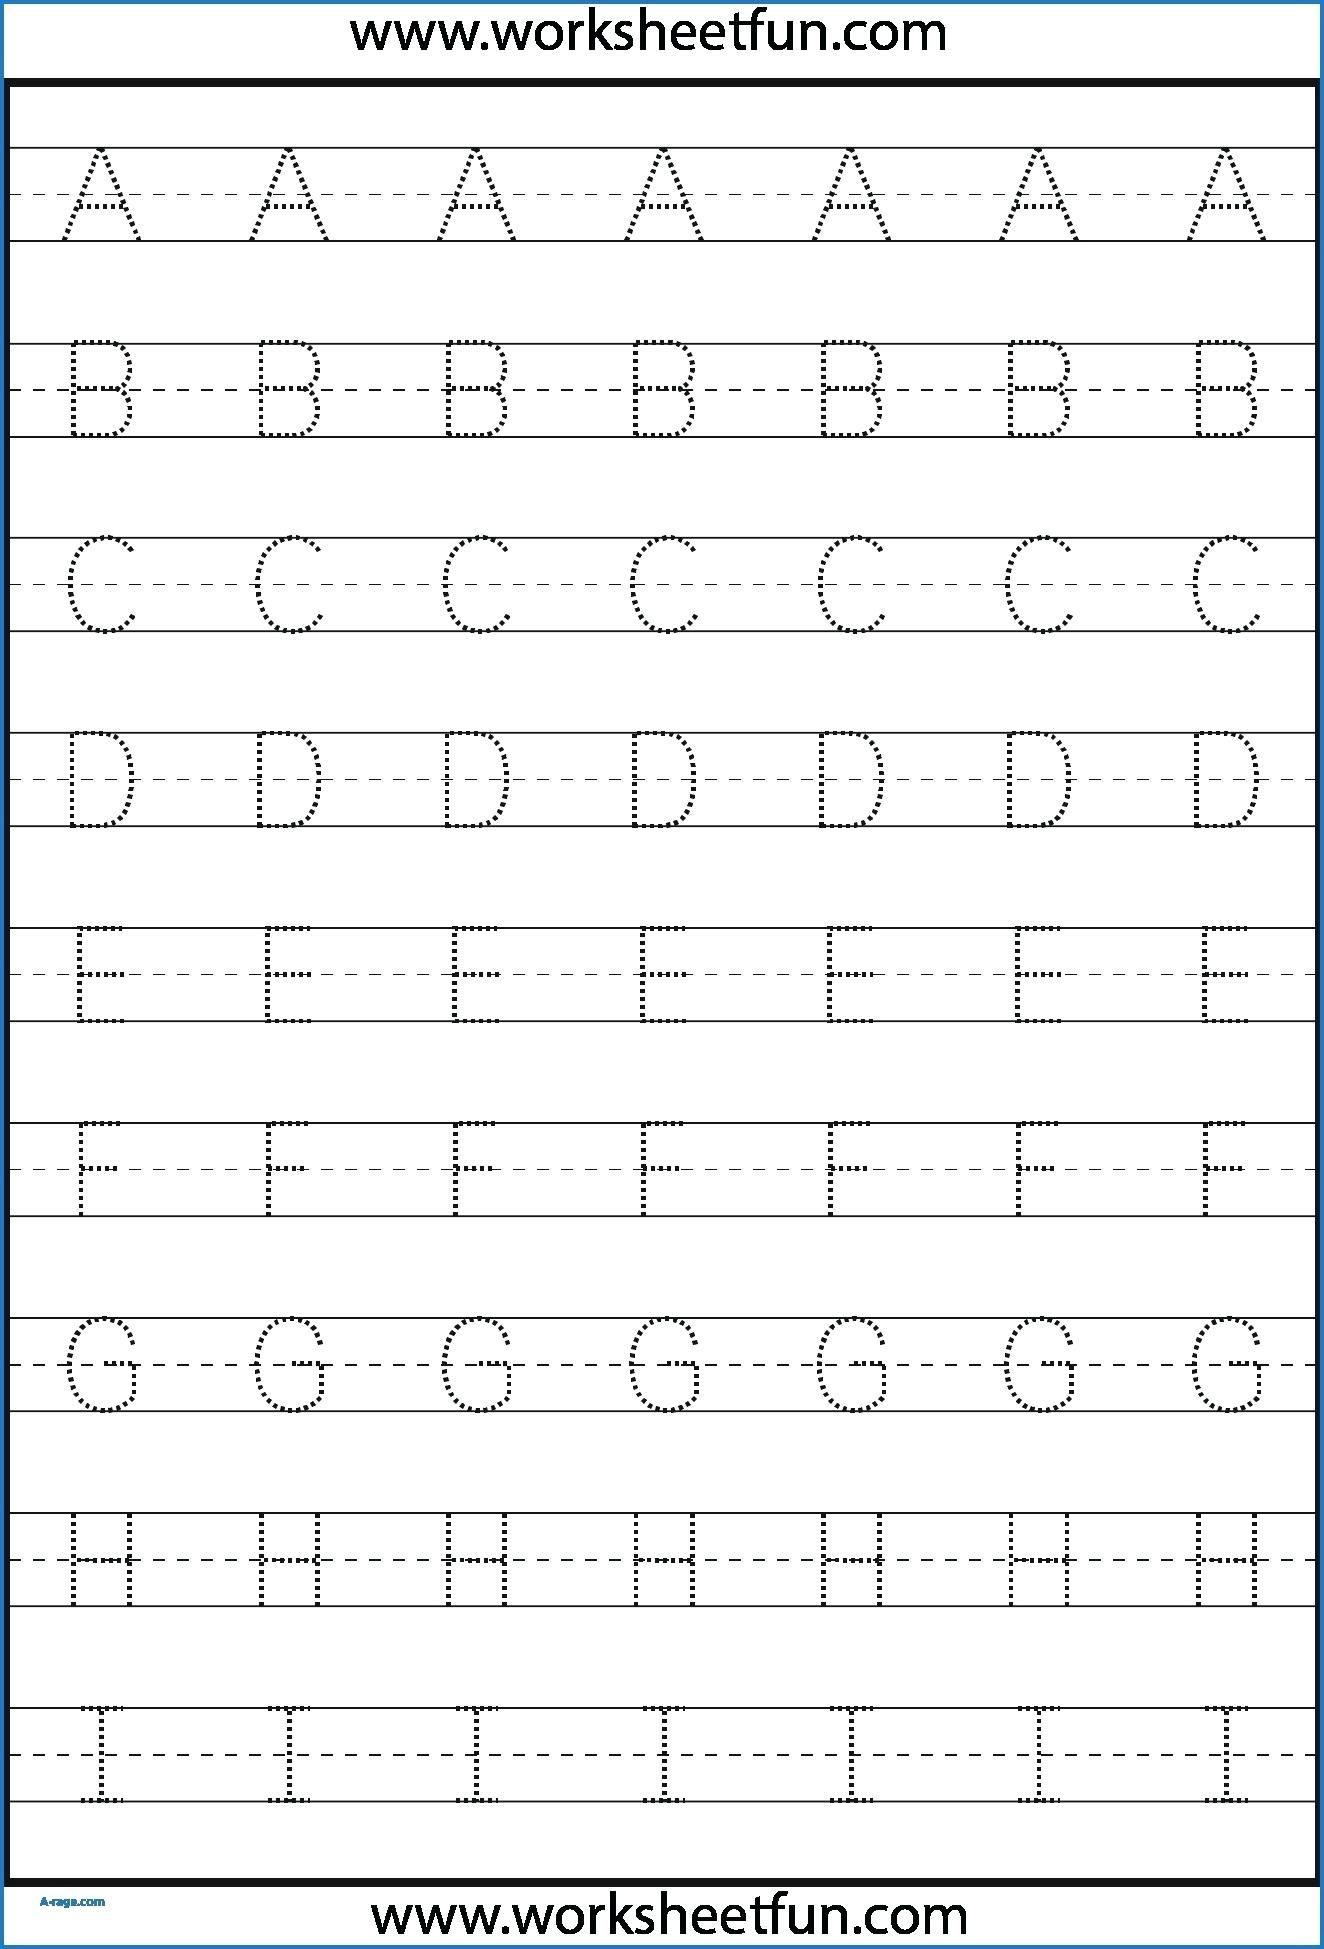 Kindergarten Letter Tracing Worksheets Pdf - Wallpaper Image with Grade R Alphabet Worksheets Pdf